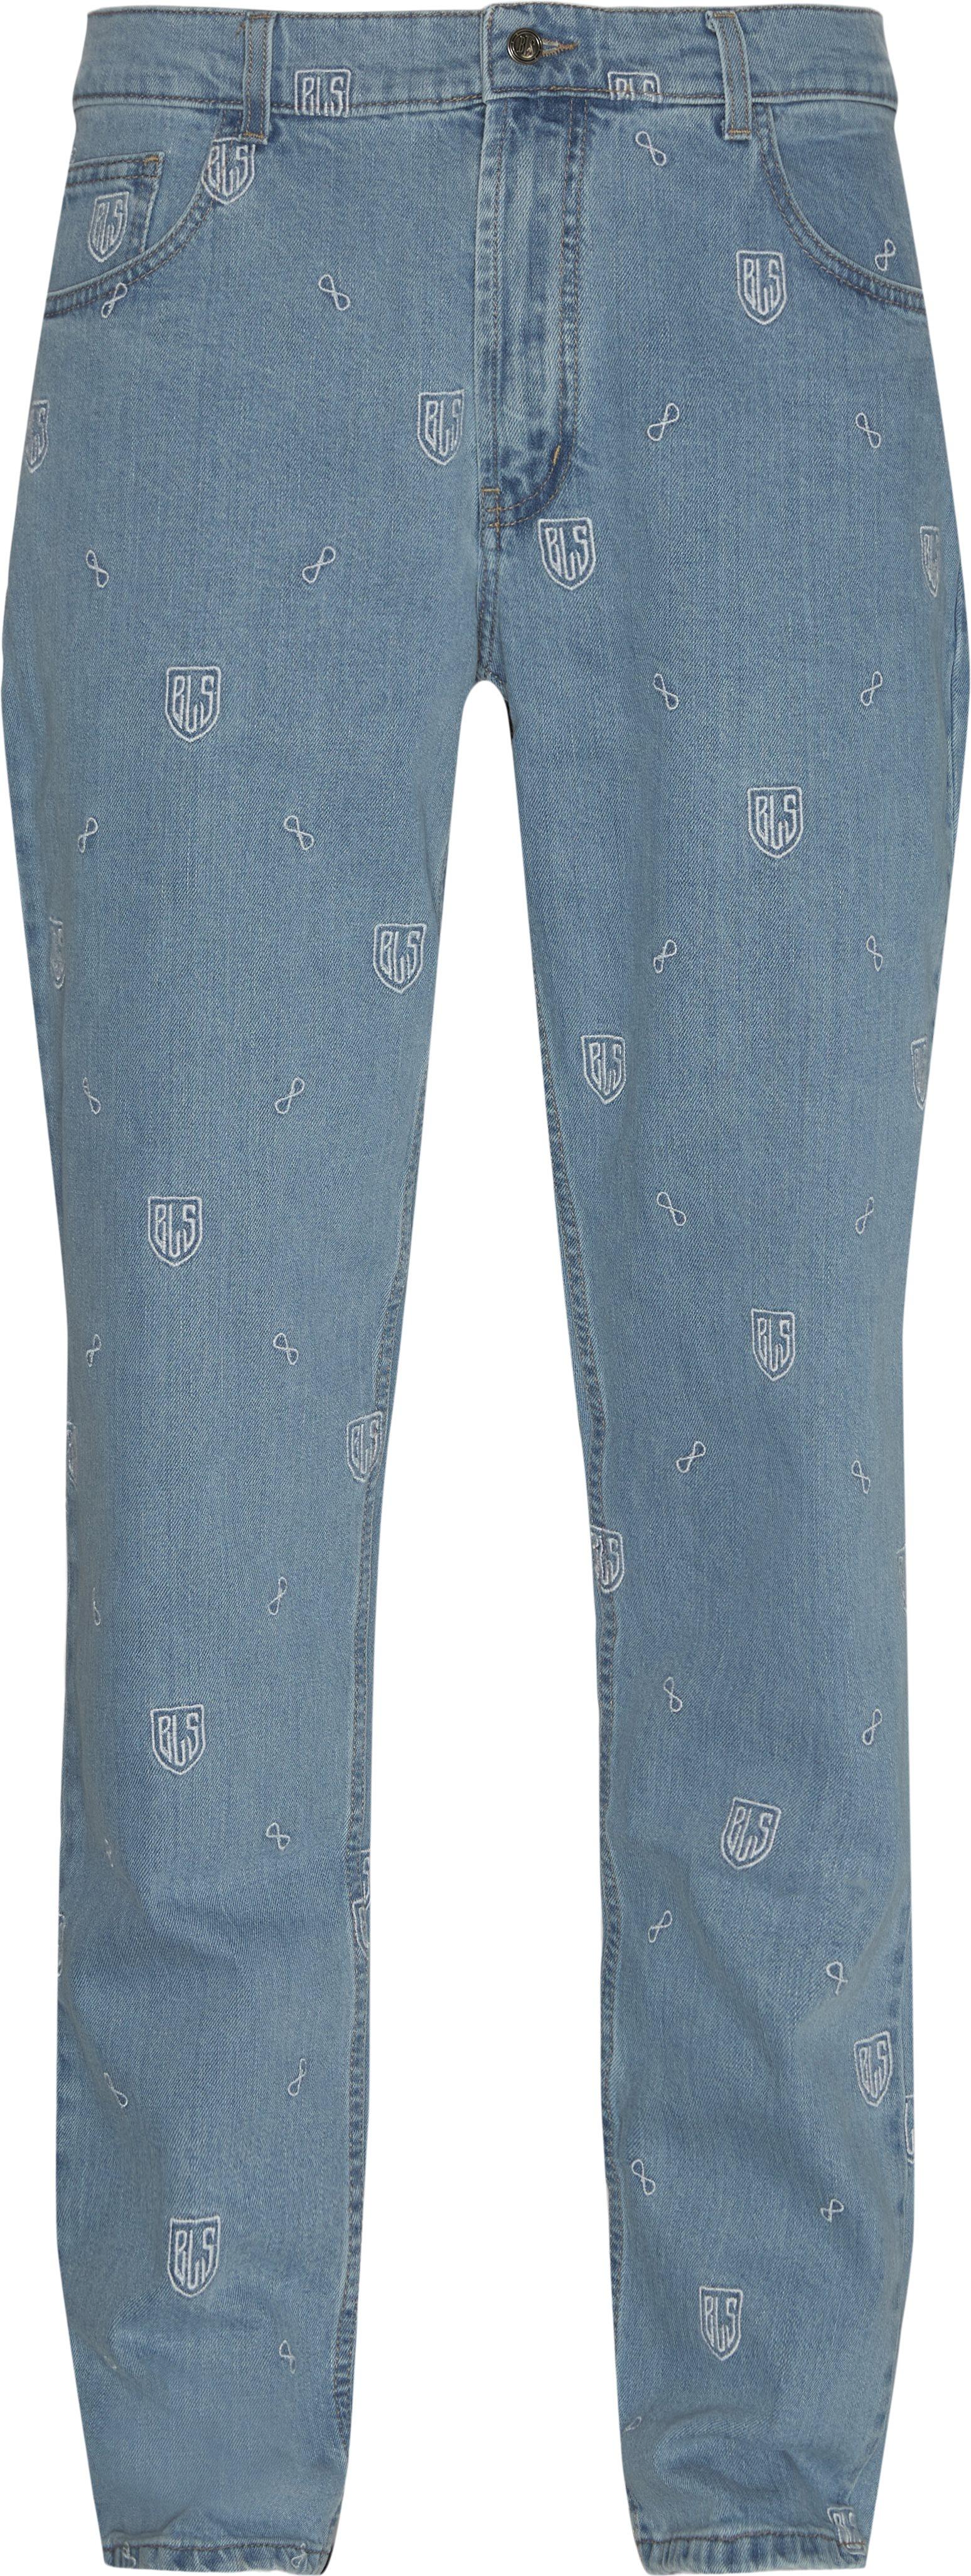 Jeans - Regular fit - Blue